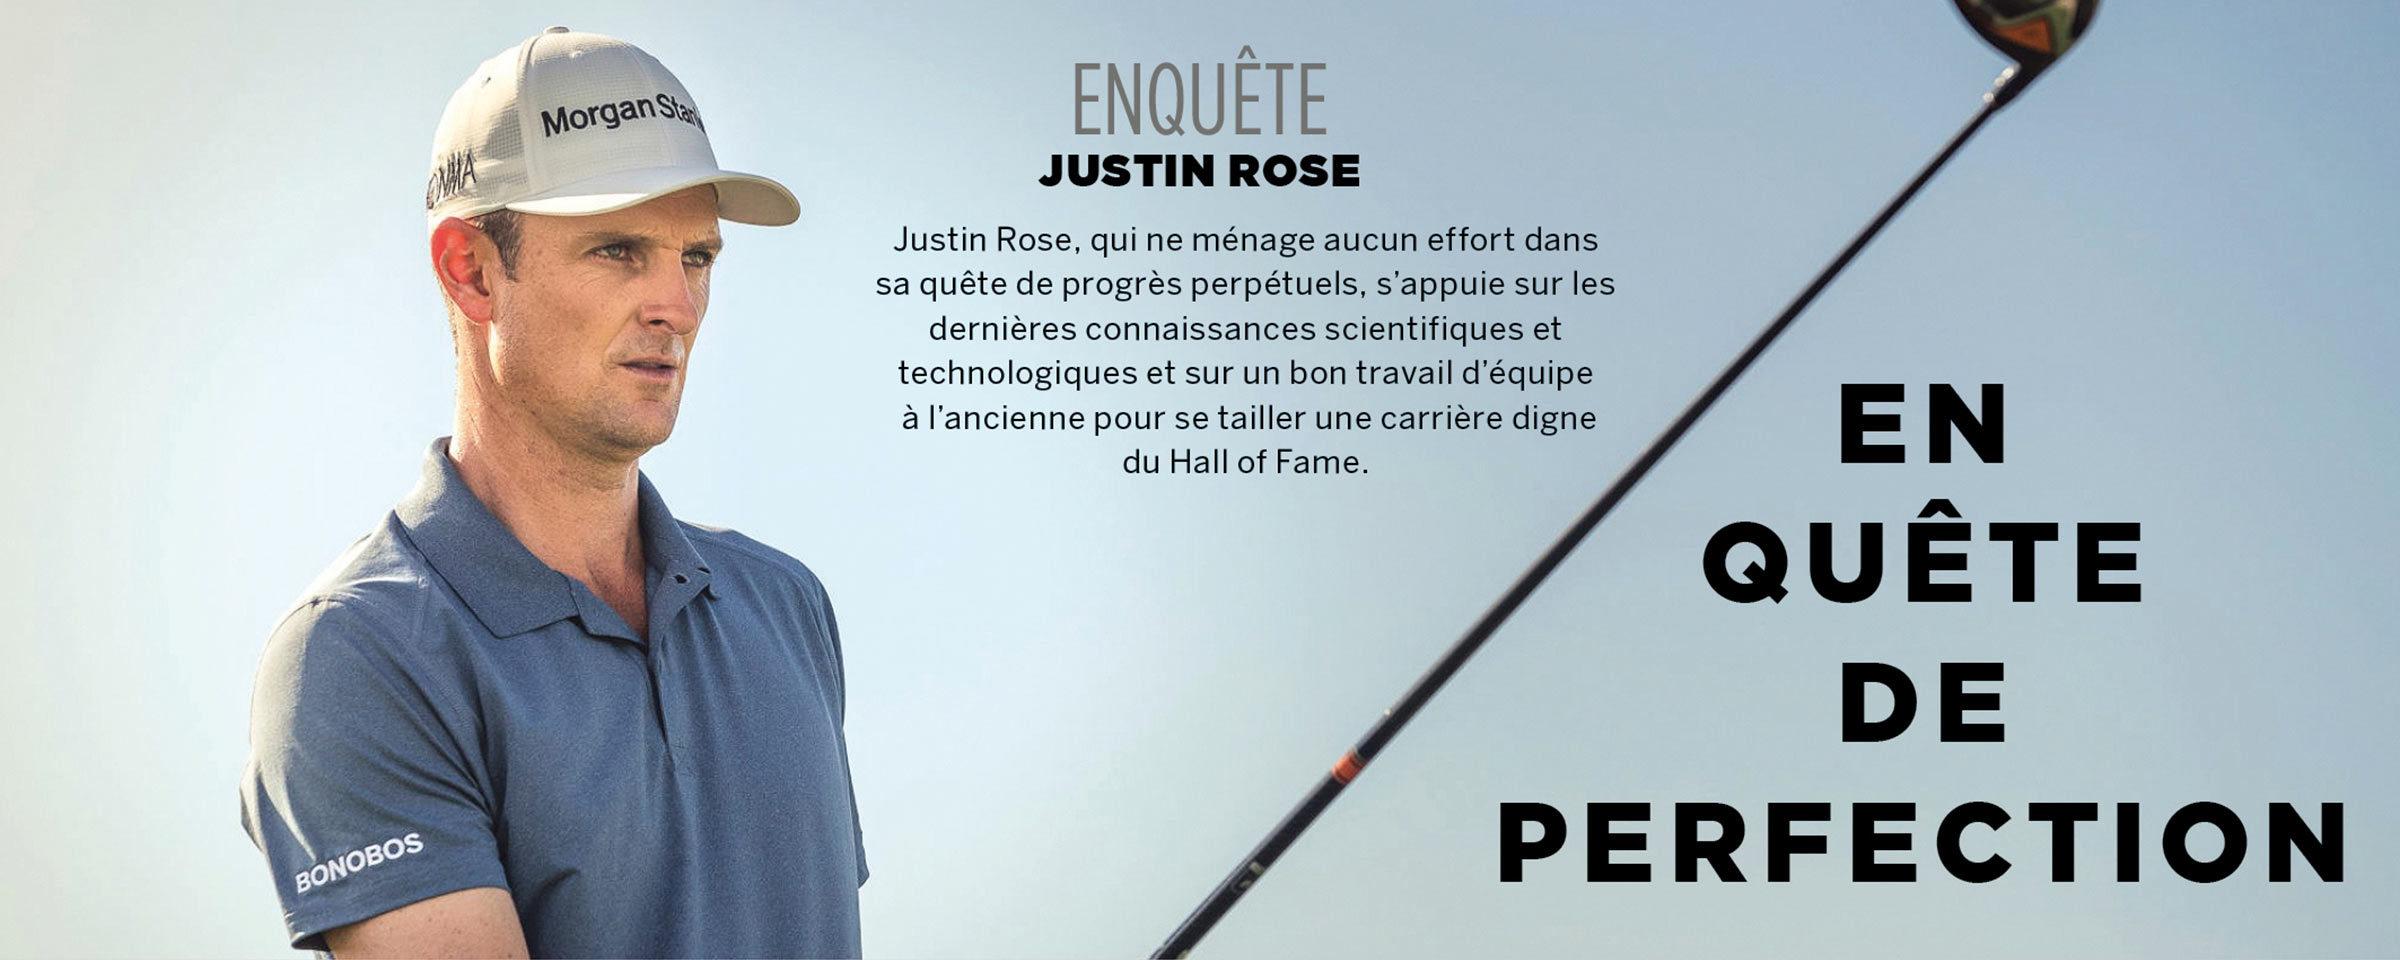 Enqête Justin Rose